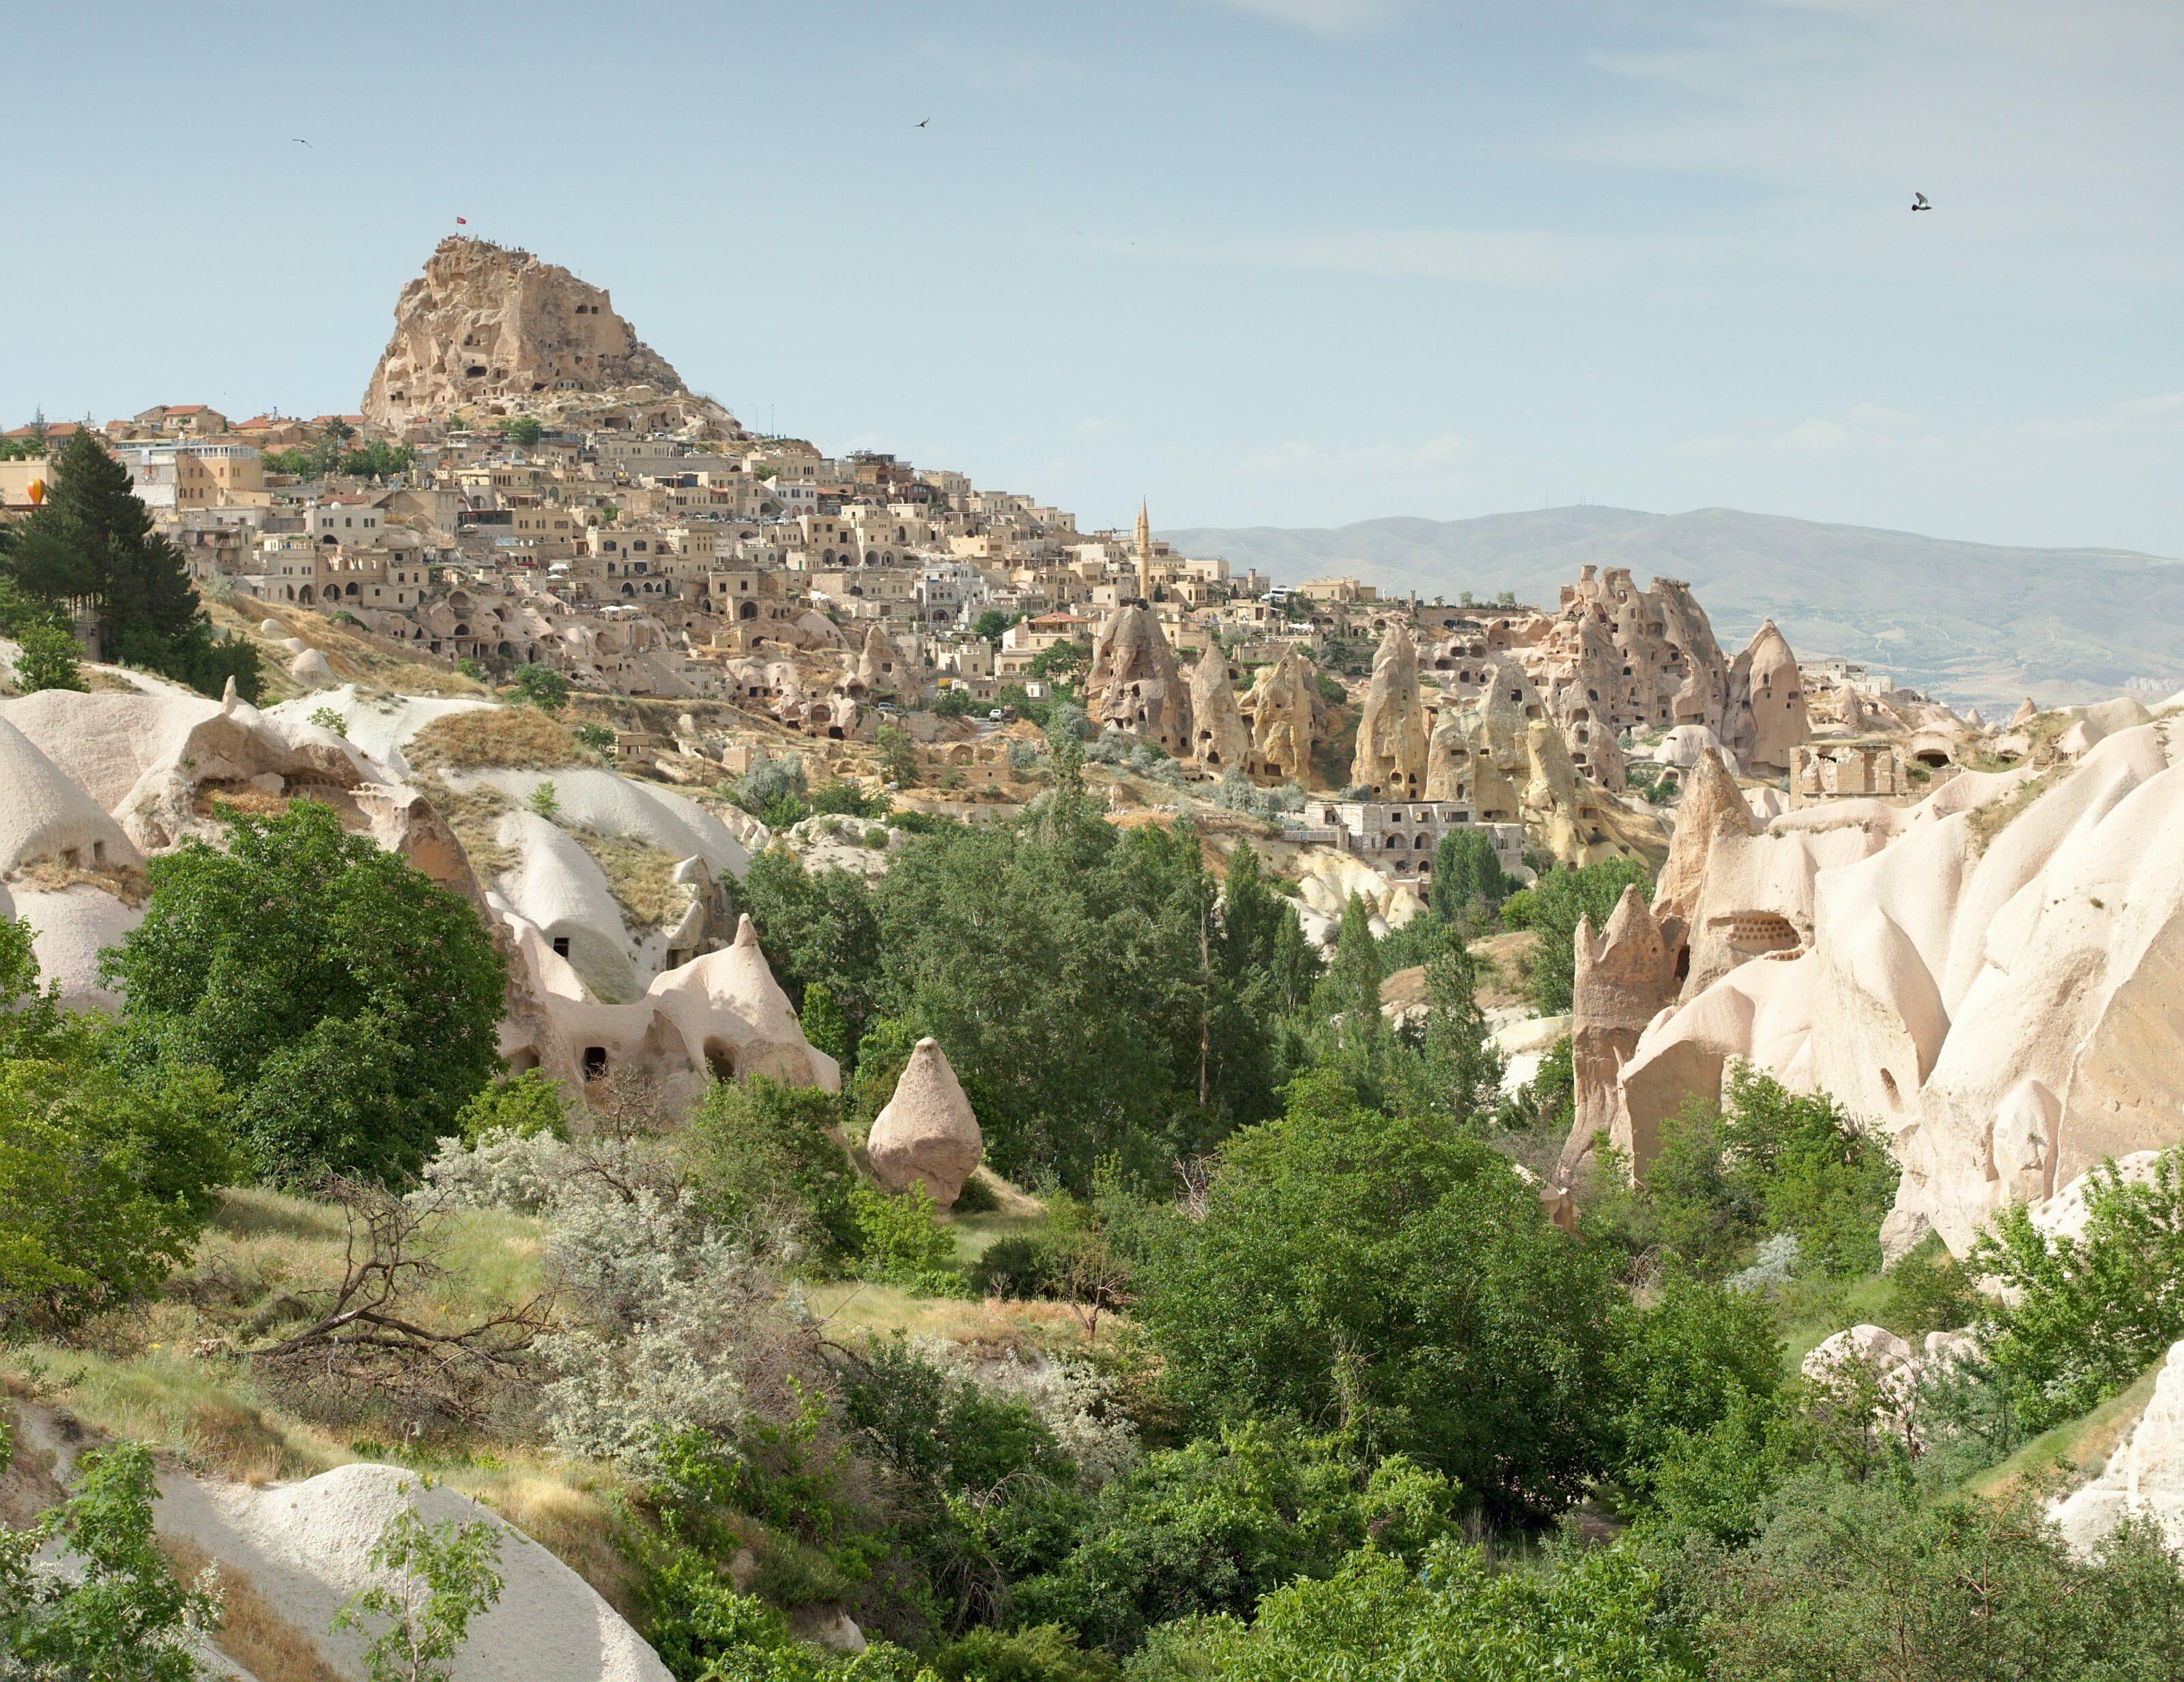 Vue sur Uchisar et la vallée des pigeons